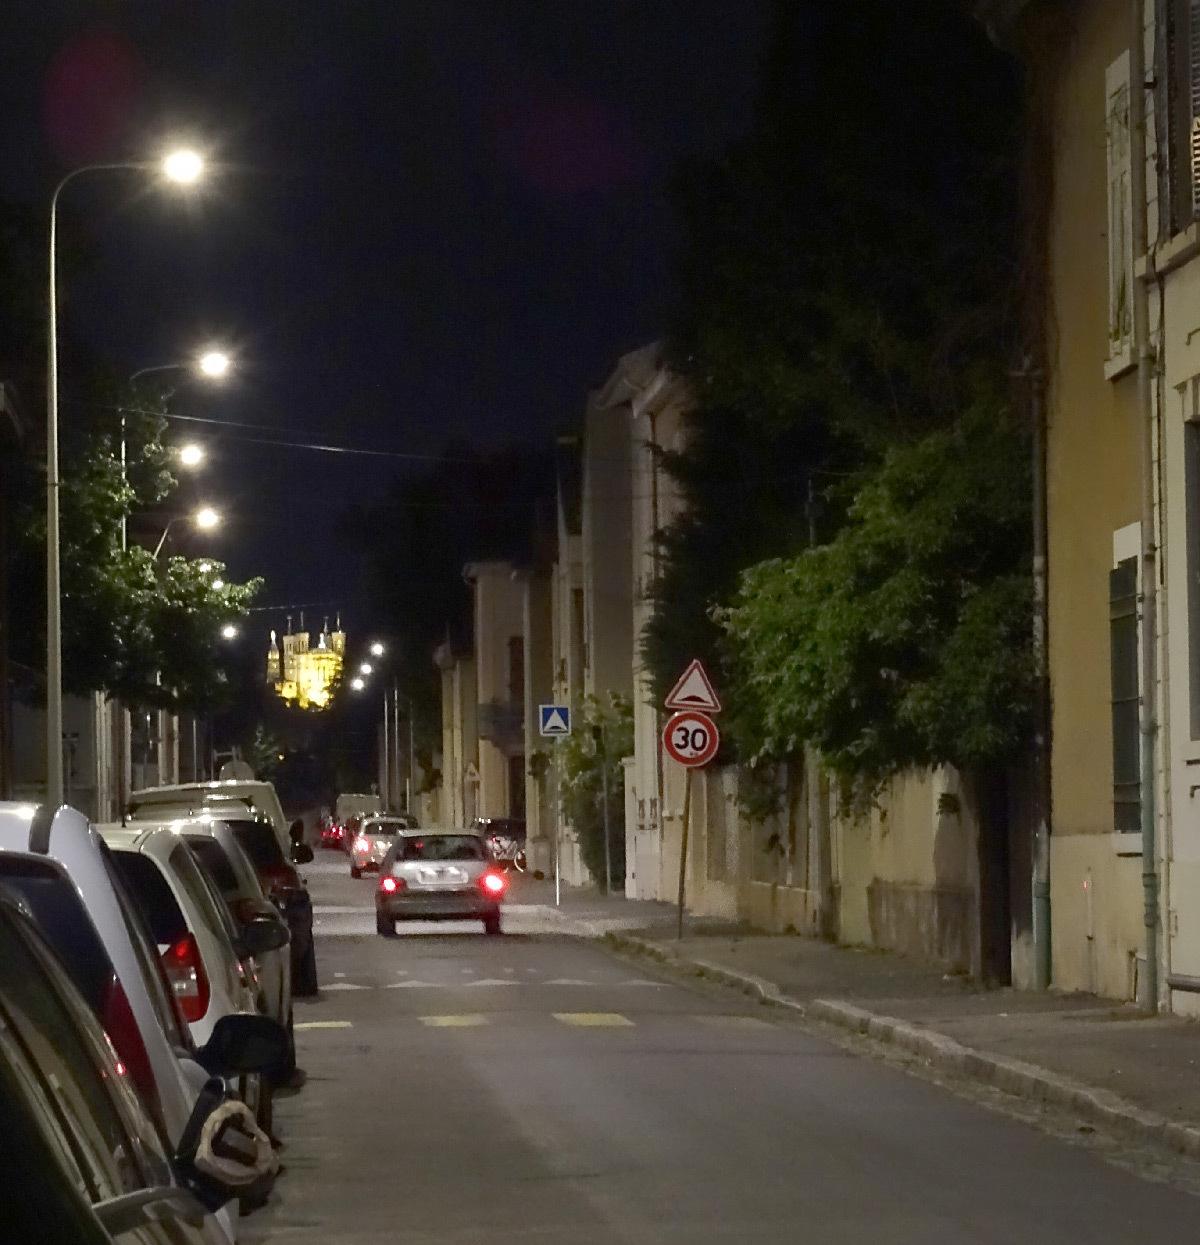 Eclairage urbain du quartier Monchat de Lyon